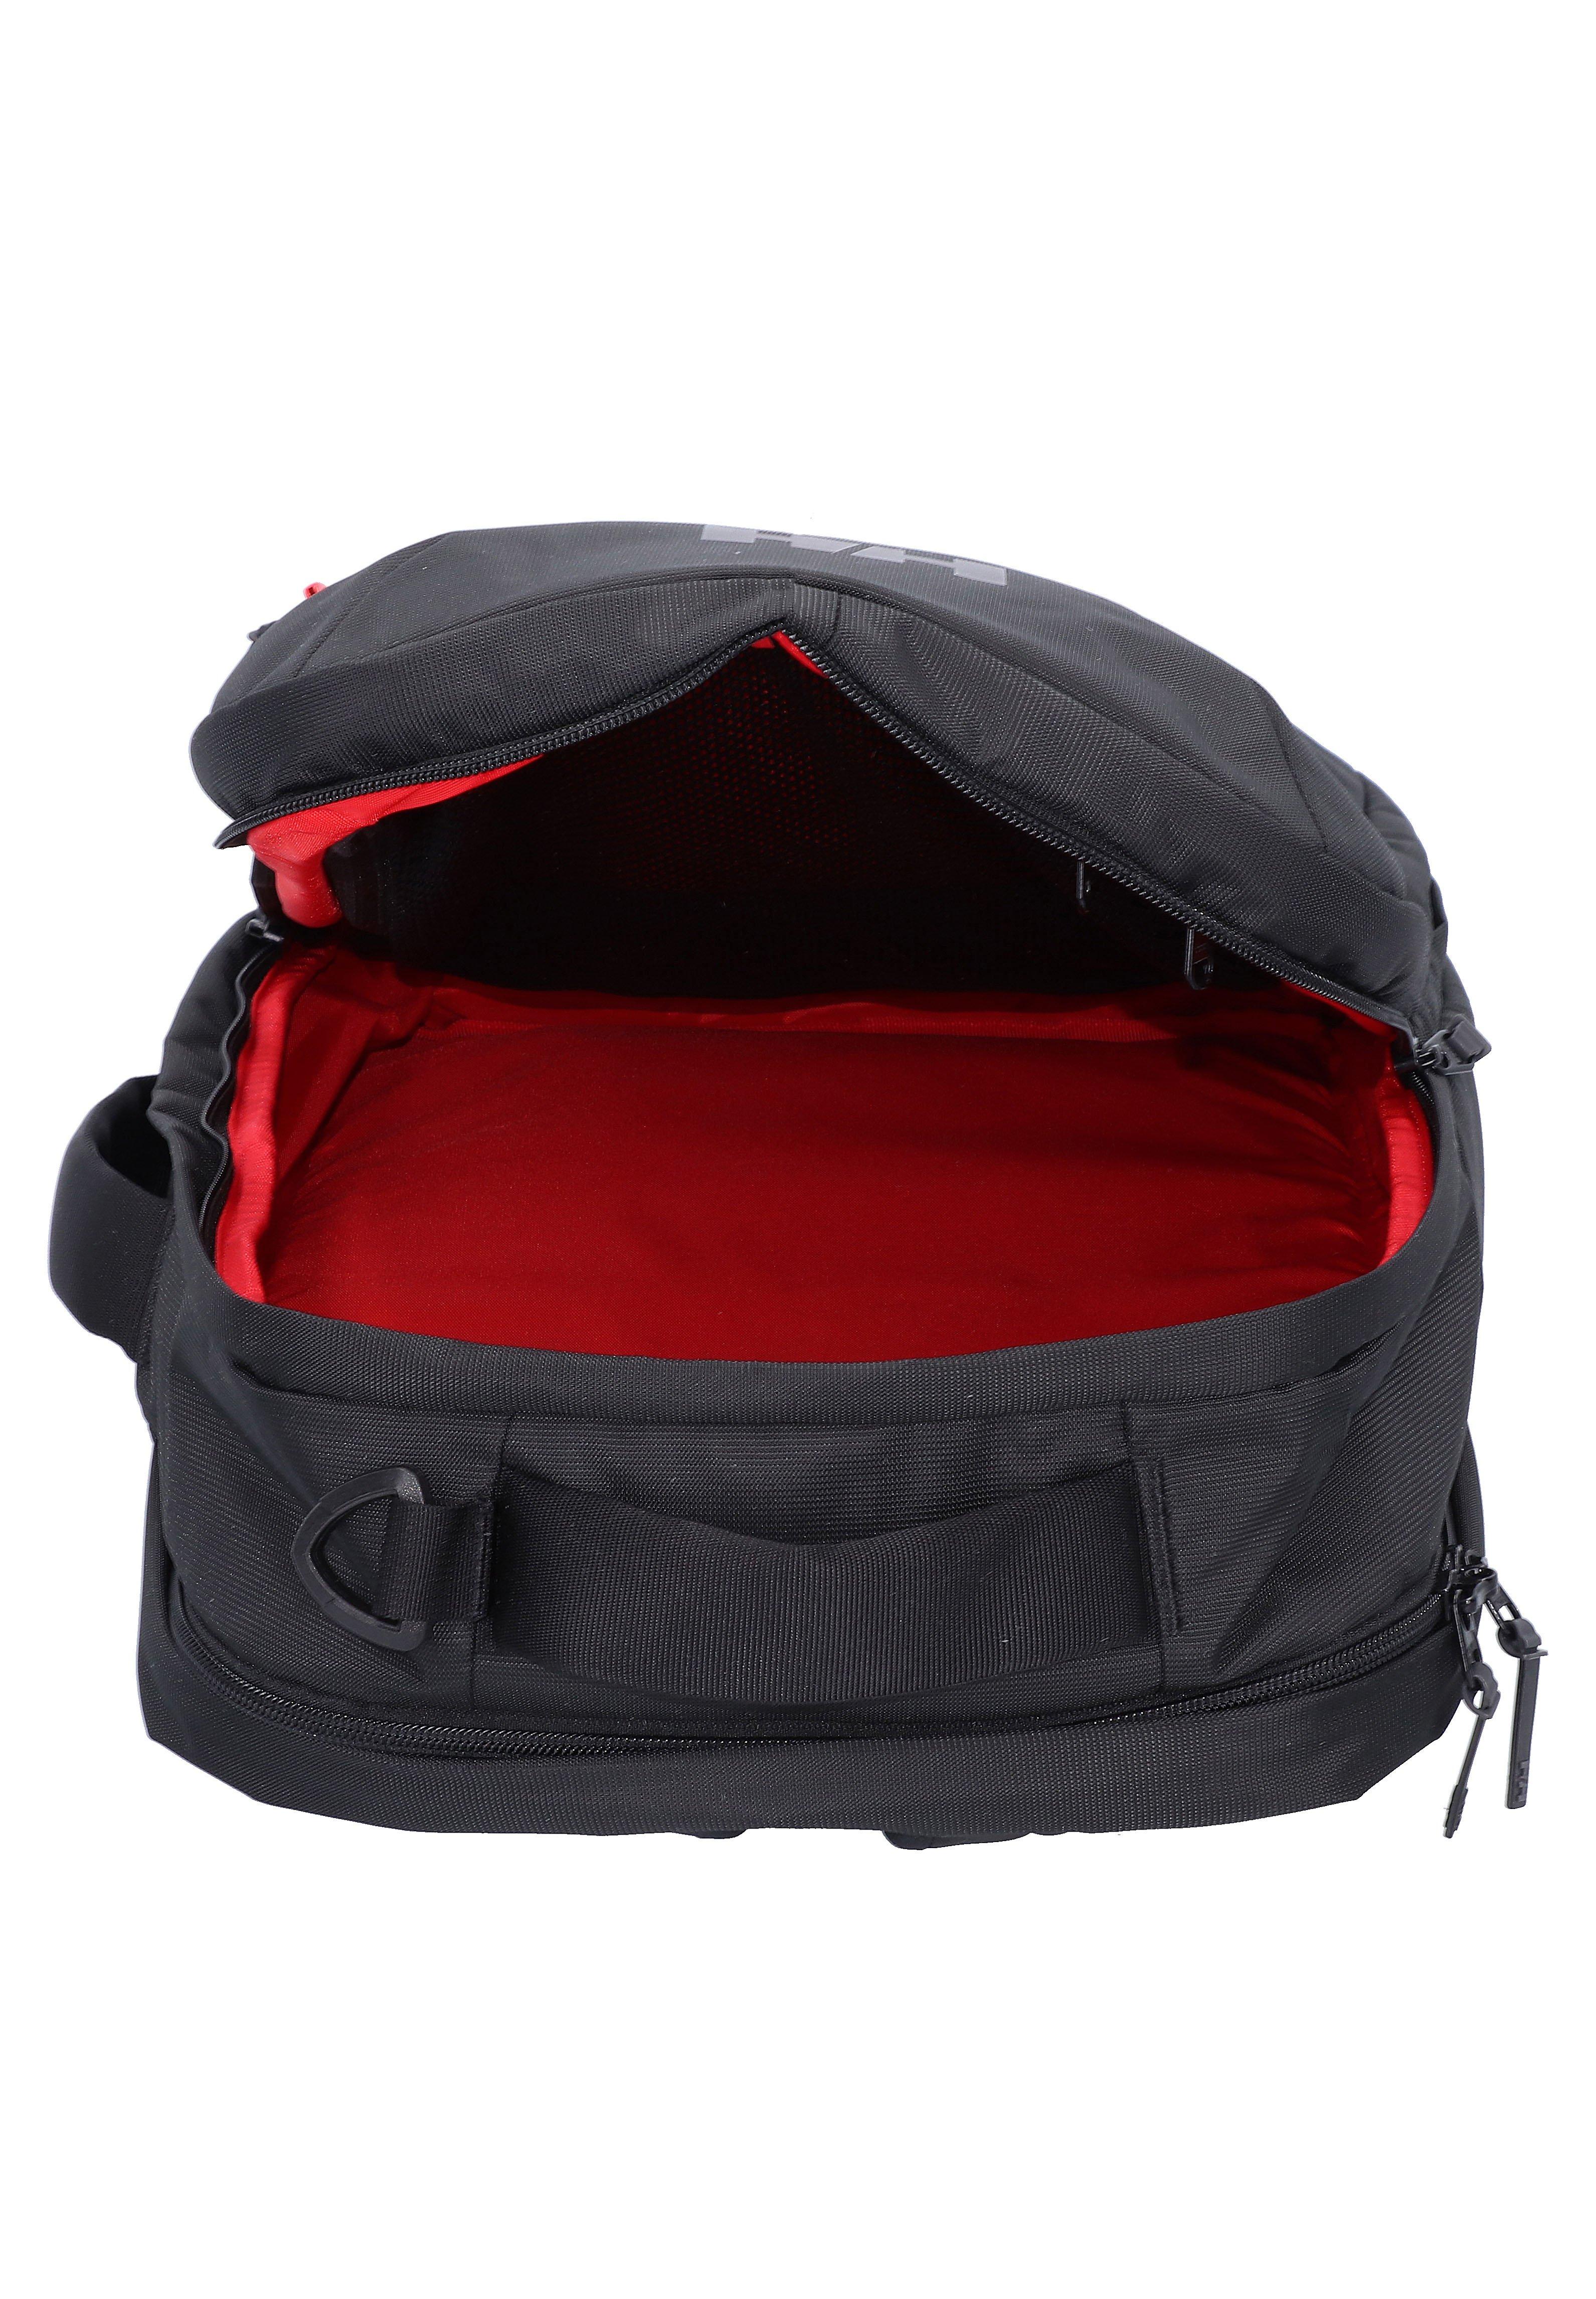 Helly Hansen Sport Expedition Laptopfach - Tagesrucksack Black/schwarz